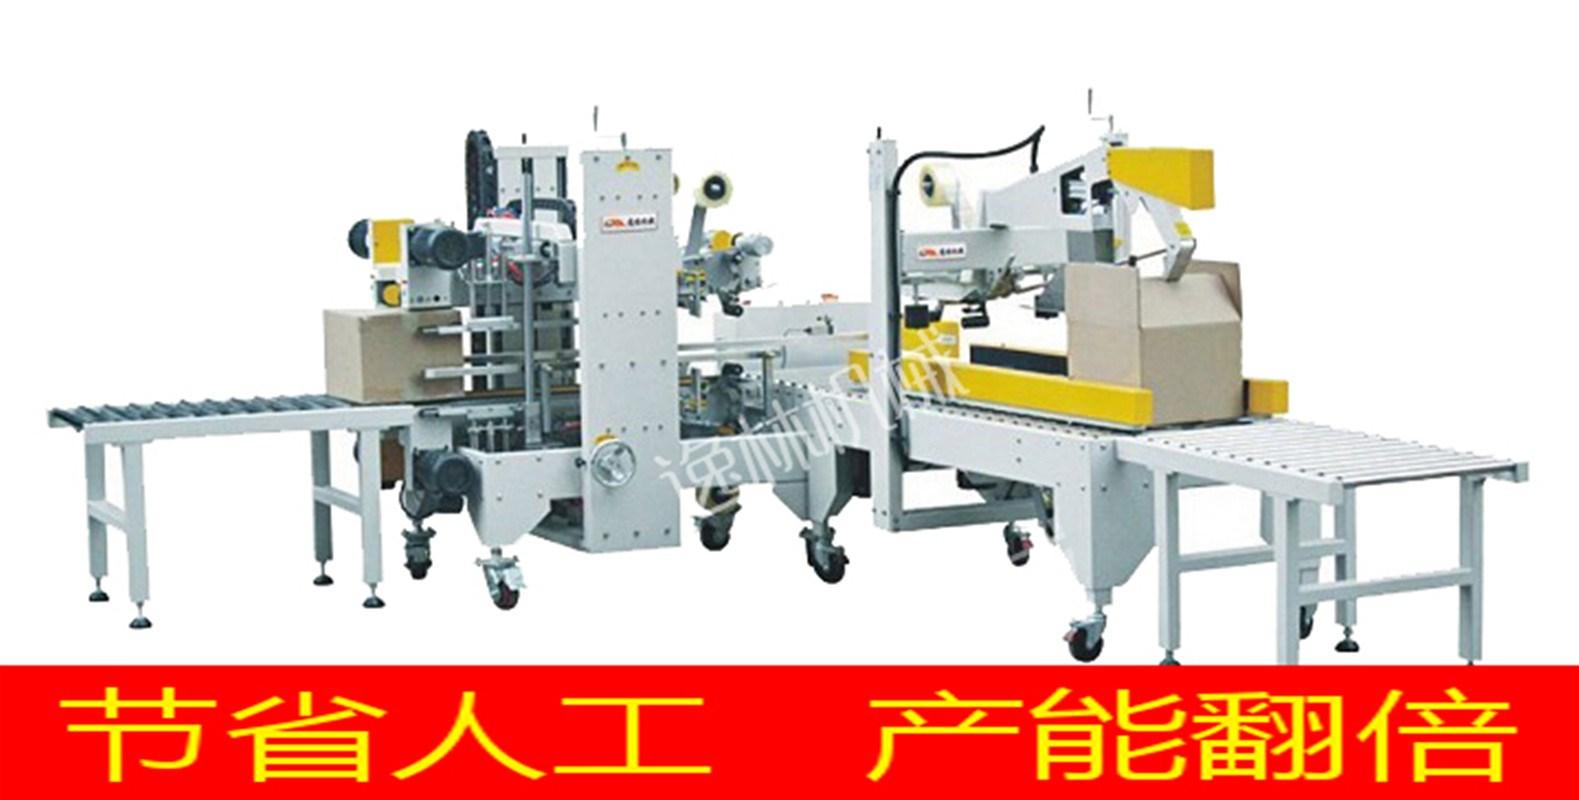 惠州逸林专业生产惠州全自动封箱机